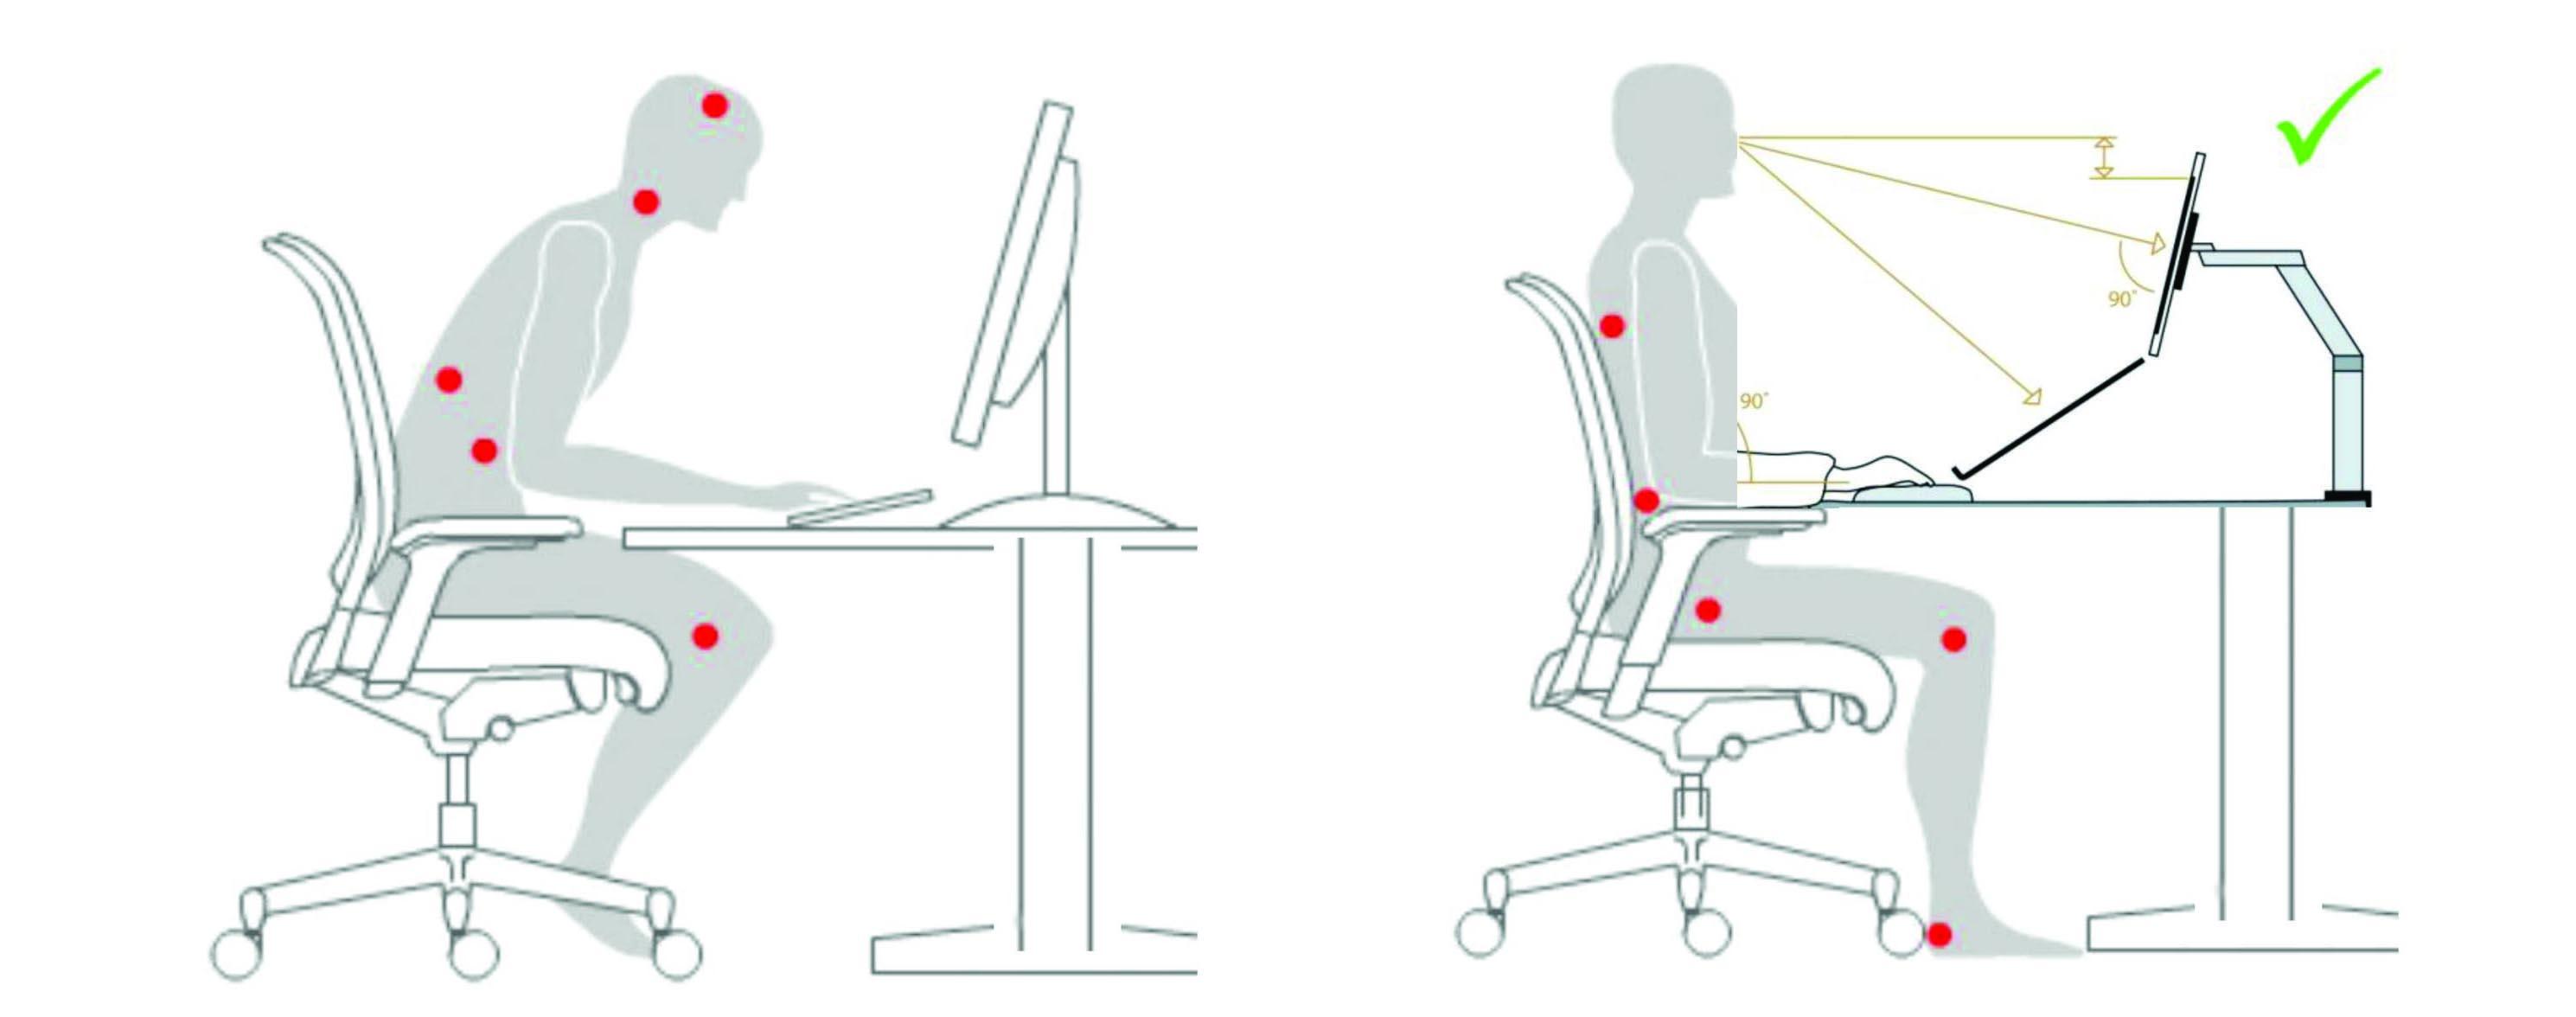 ergonomische kantoormeubelen havic kantoormeubelen. Black Bedroom Furniture Sets. Home Design Ideas